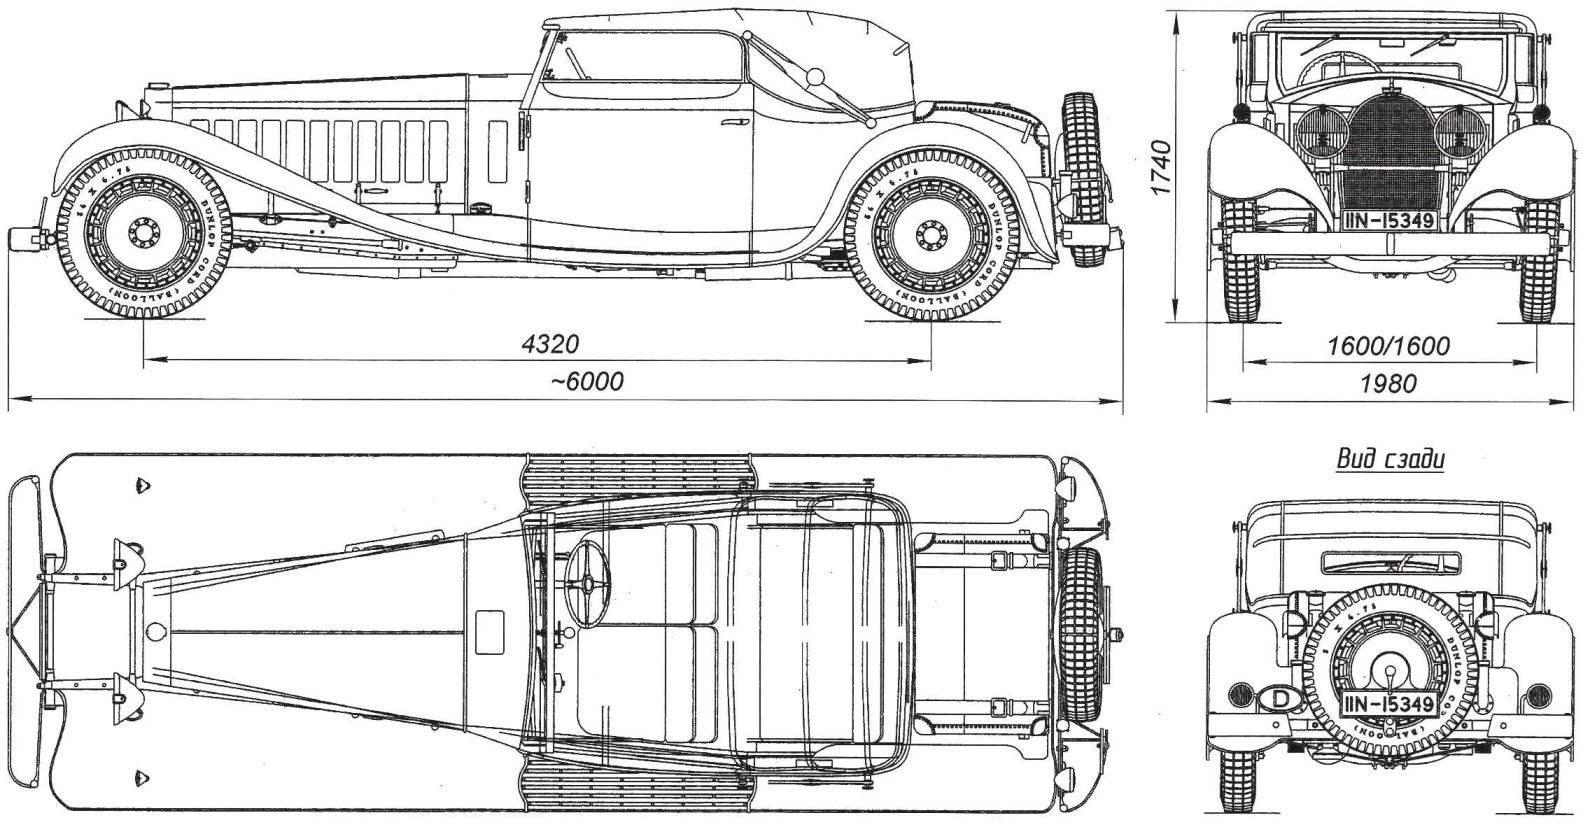 tags: #lamborghini car engine#bugatti veyron motor#bugatti veyron engine  specs#bugatti veyron engine diagram#bugatti veyron engine sound#bugatti car